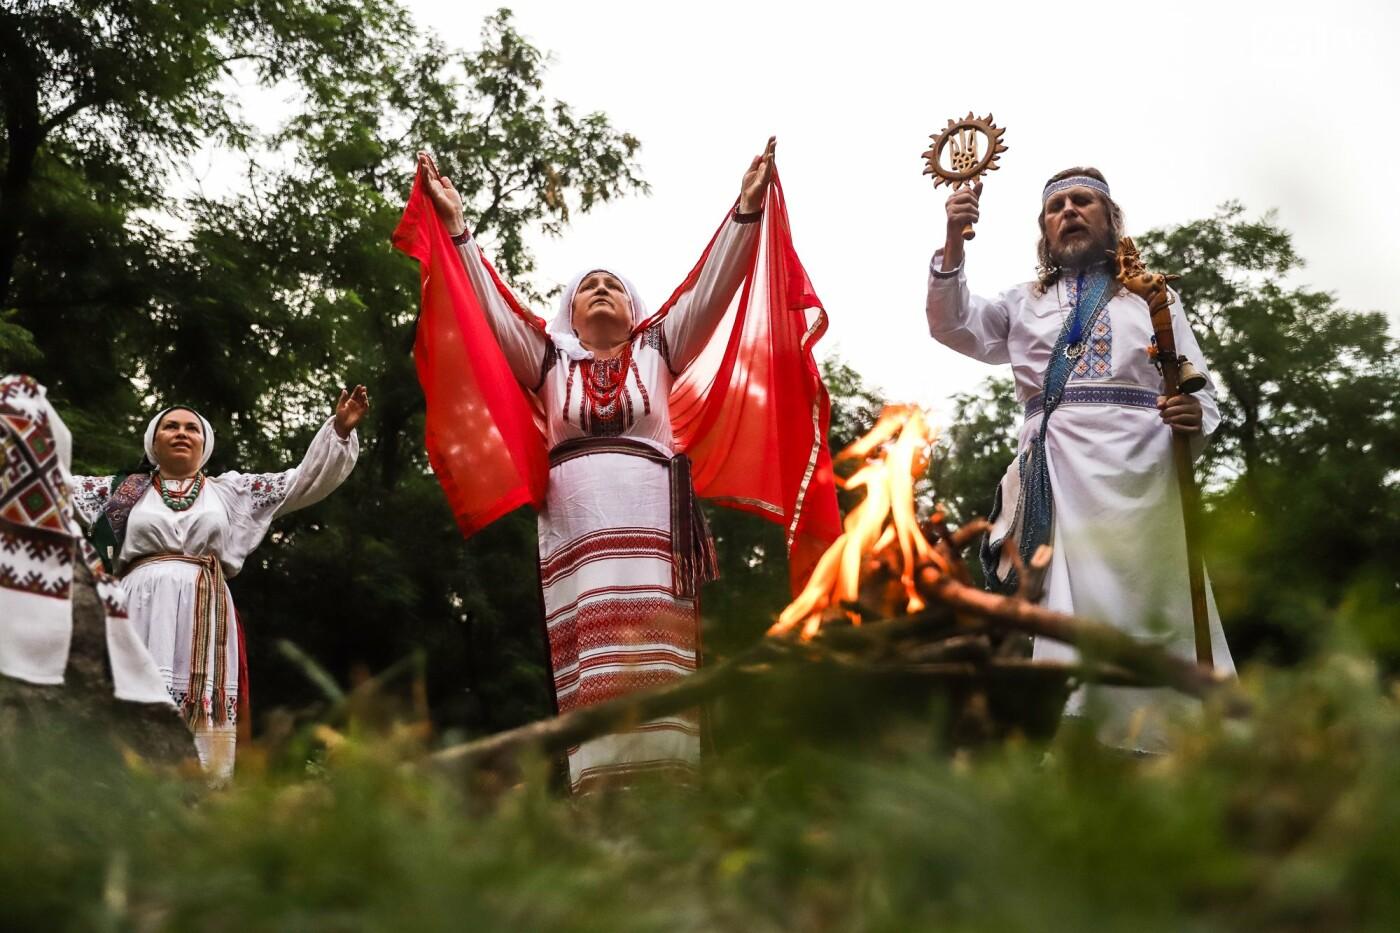 Огонь и дубовые венки: как на Хортице отметили праздник Перуна, - ФОТОРЕПОРТАЖ, фото-26